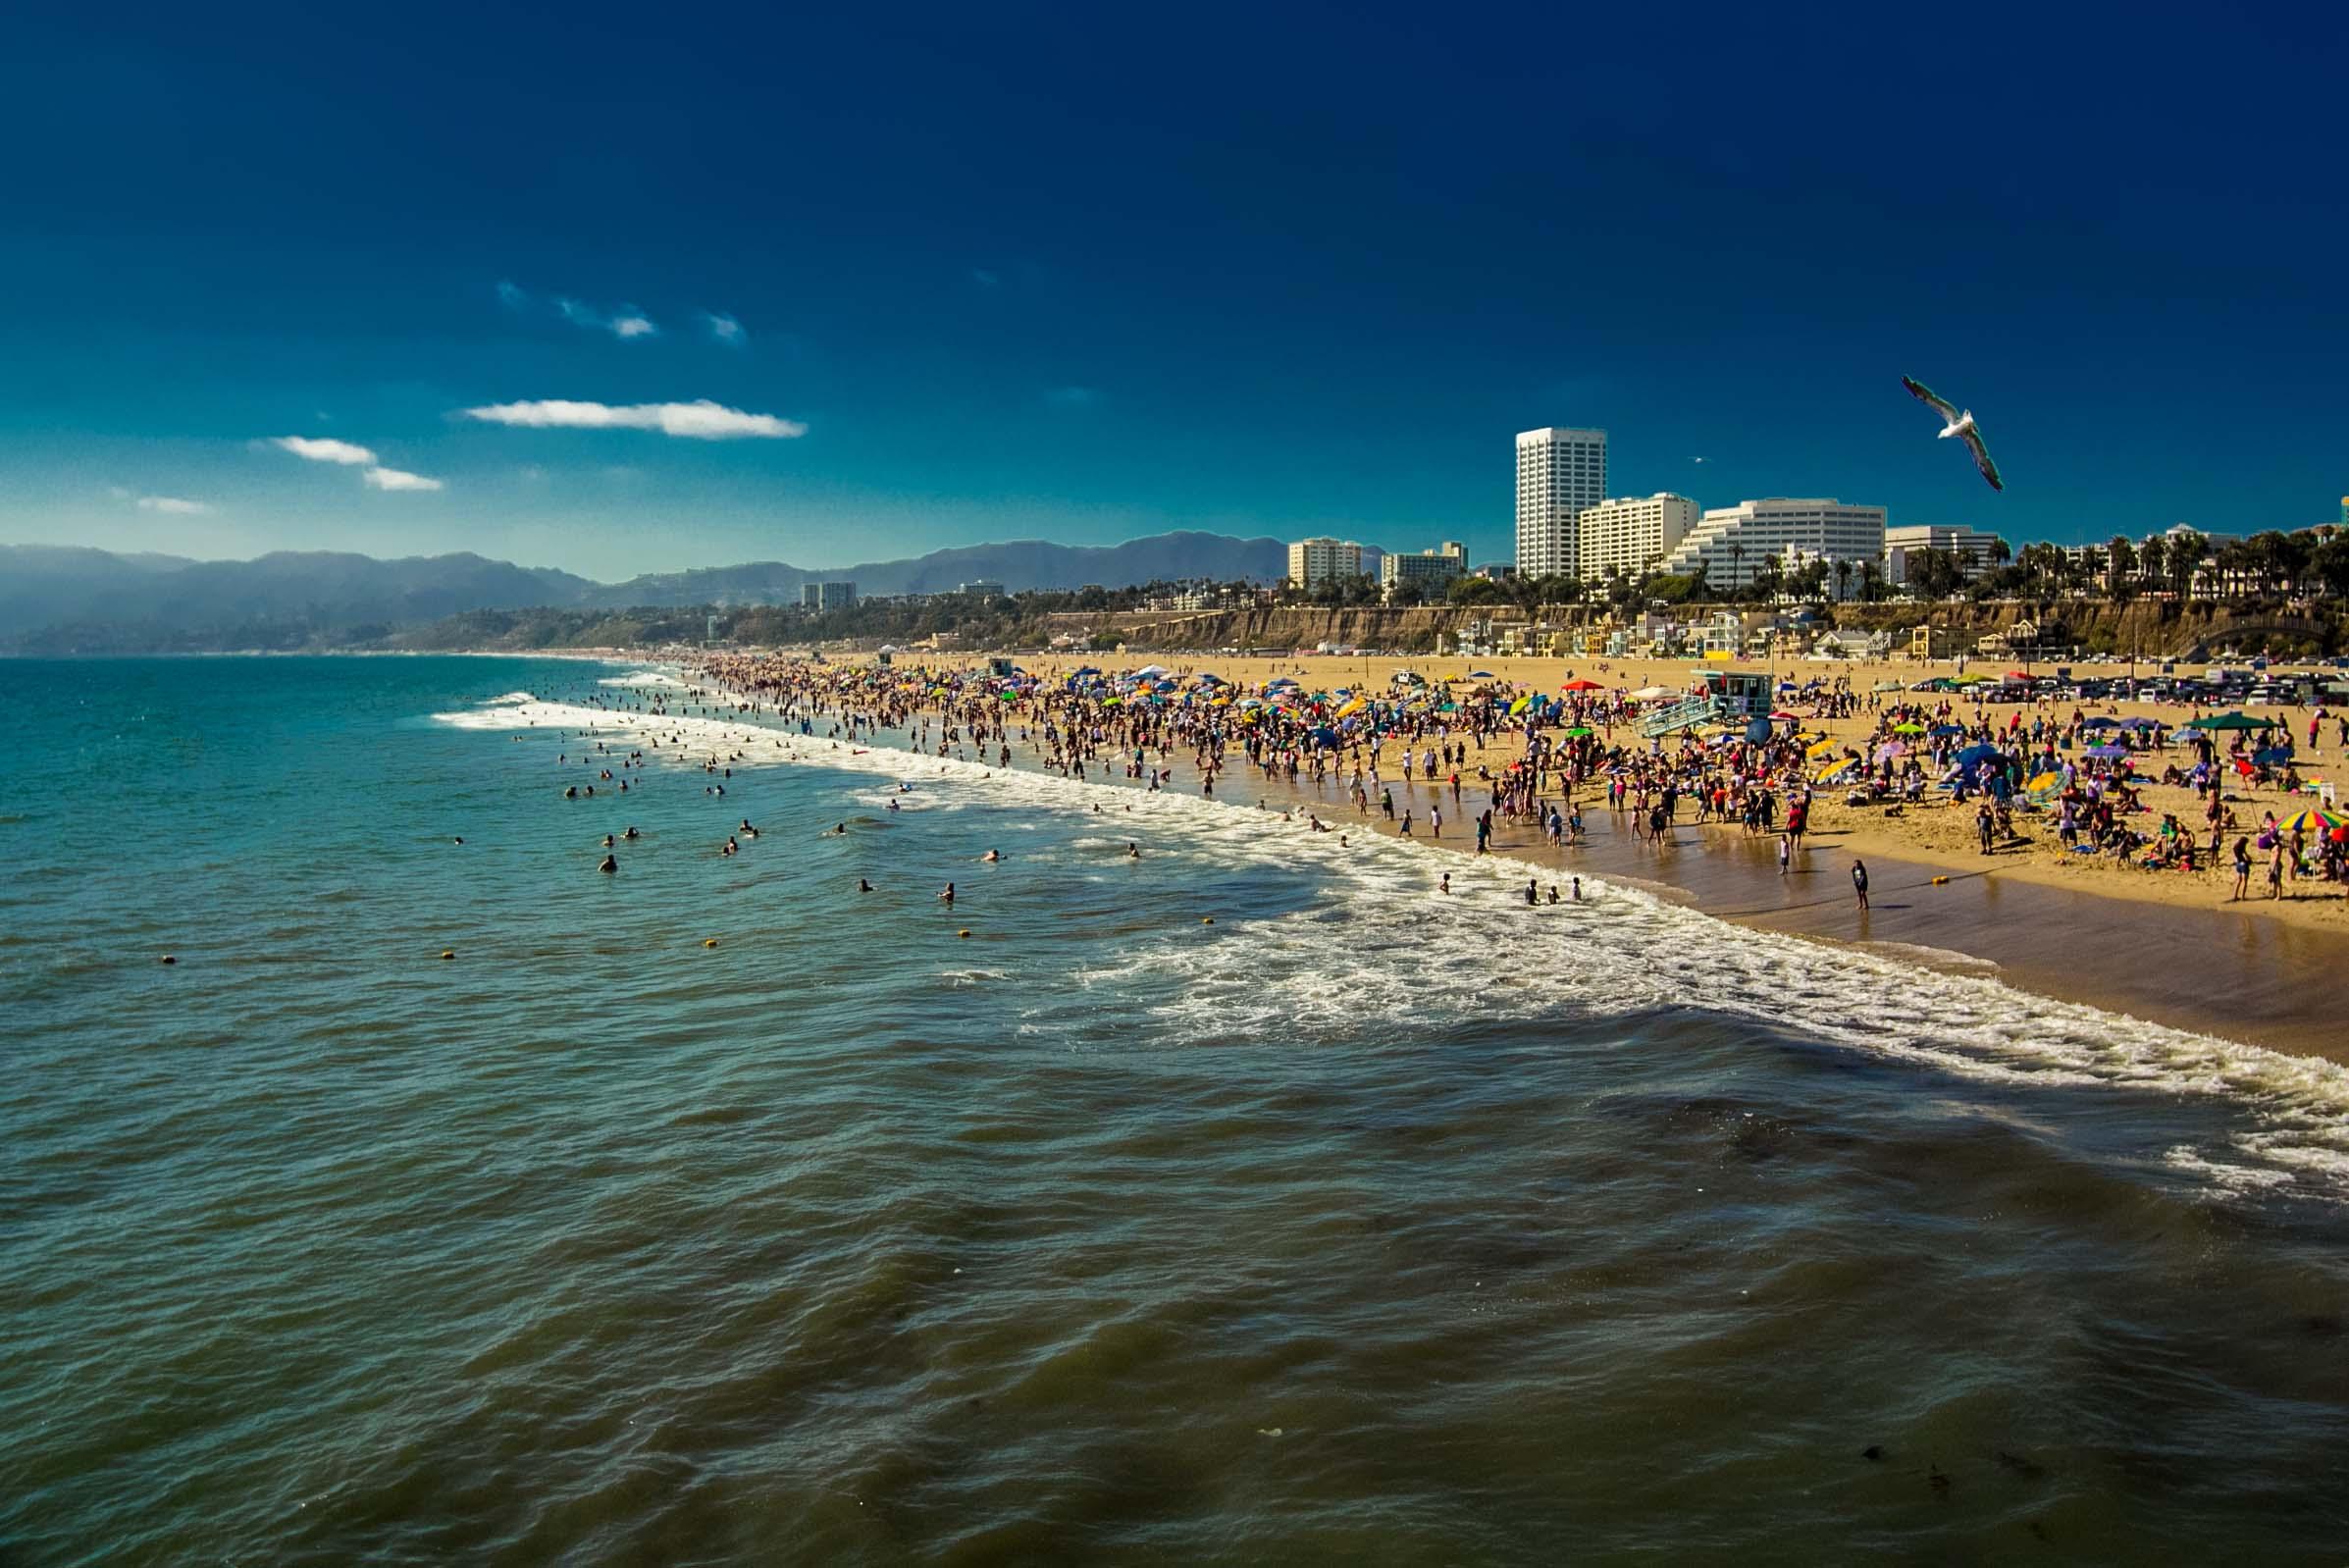 Santa Monica Beach Photo By Viewwallpaper